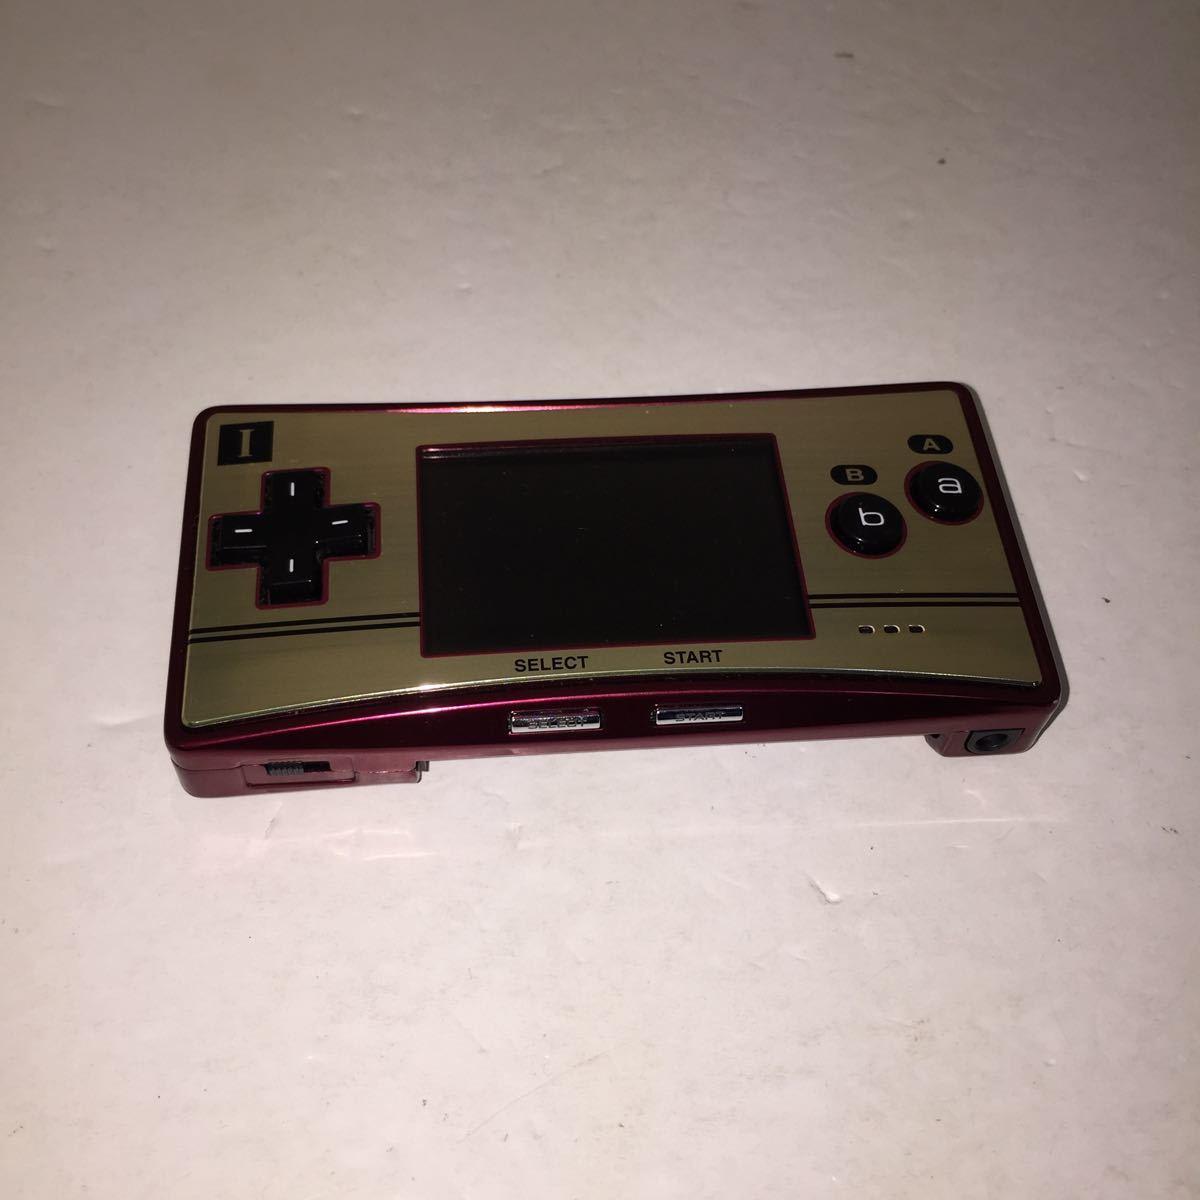 【ジャンク】ゲームボーイミクロ Nintendo ジャンク品 ゲーム機本体 GAMEBOYmicro 任天堂ゲームボーイ 部品取り 修理可能な方